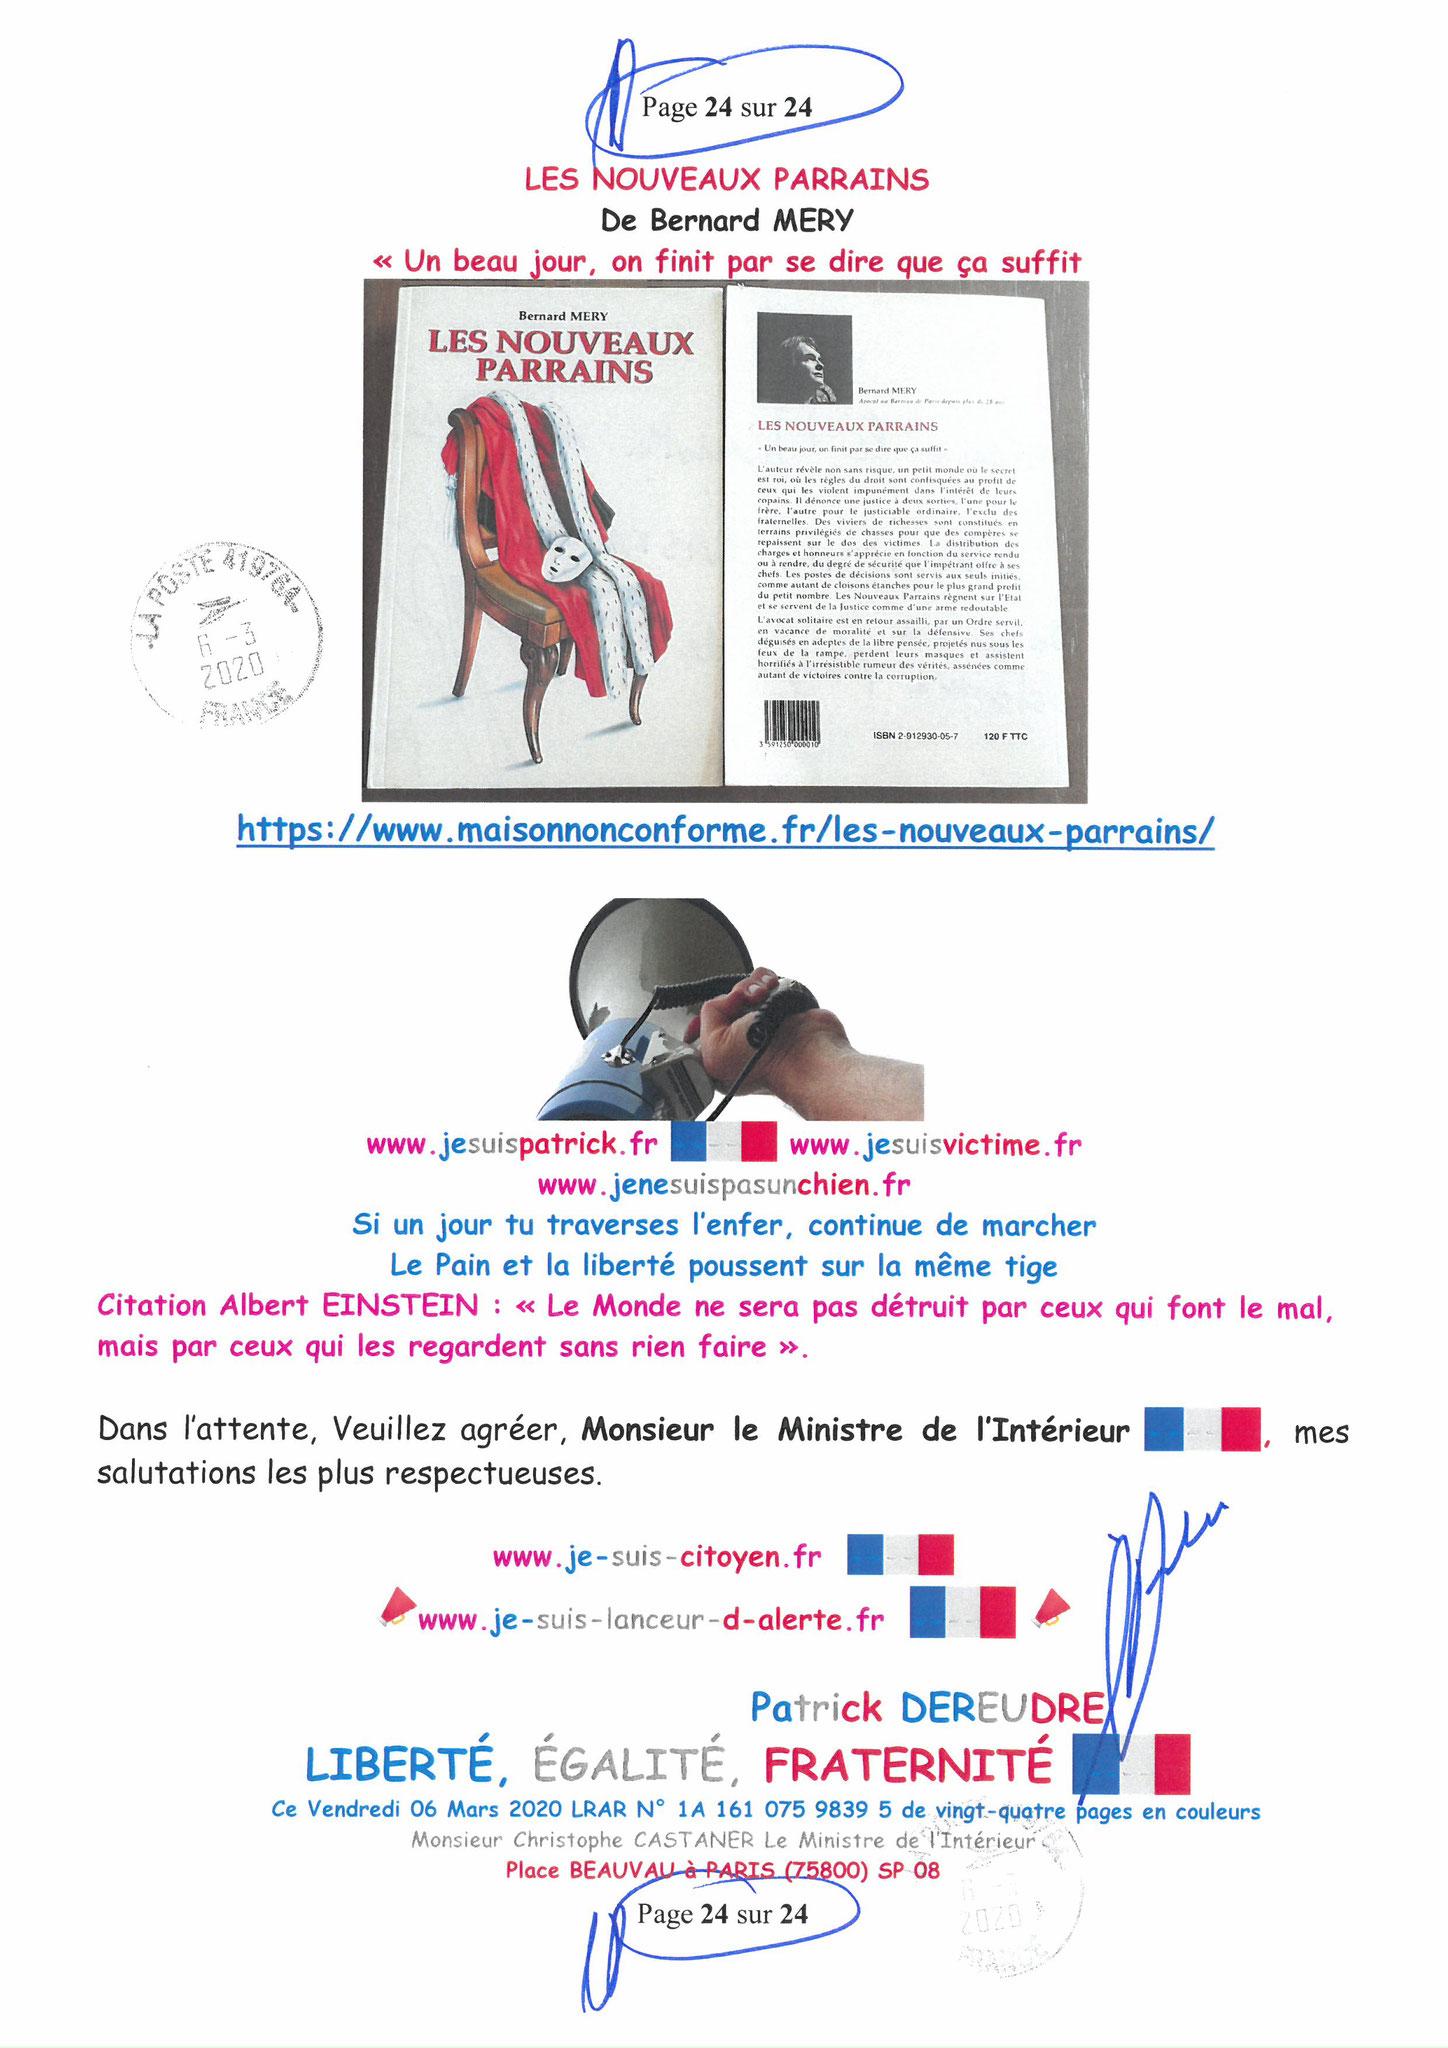 Ma LRAR à Monsieur le Ministre de l'Intérieur Christophe CASTANER N°1A 161 075 9839 5  Page 24 sur 24 en couleur du 06 Mars 2020  www.jesuispatrick.fr